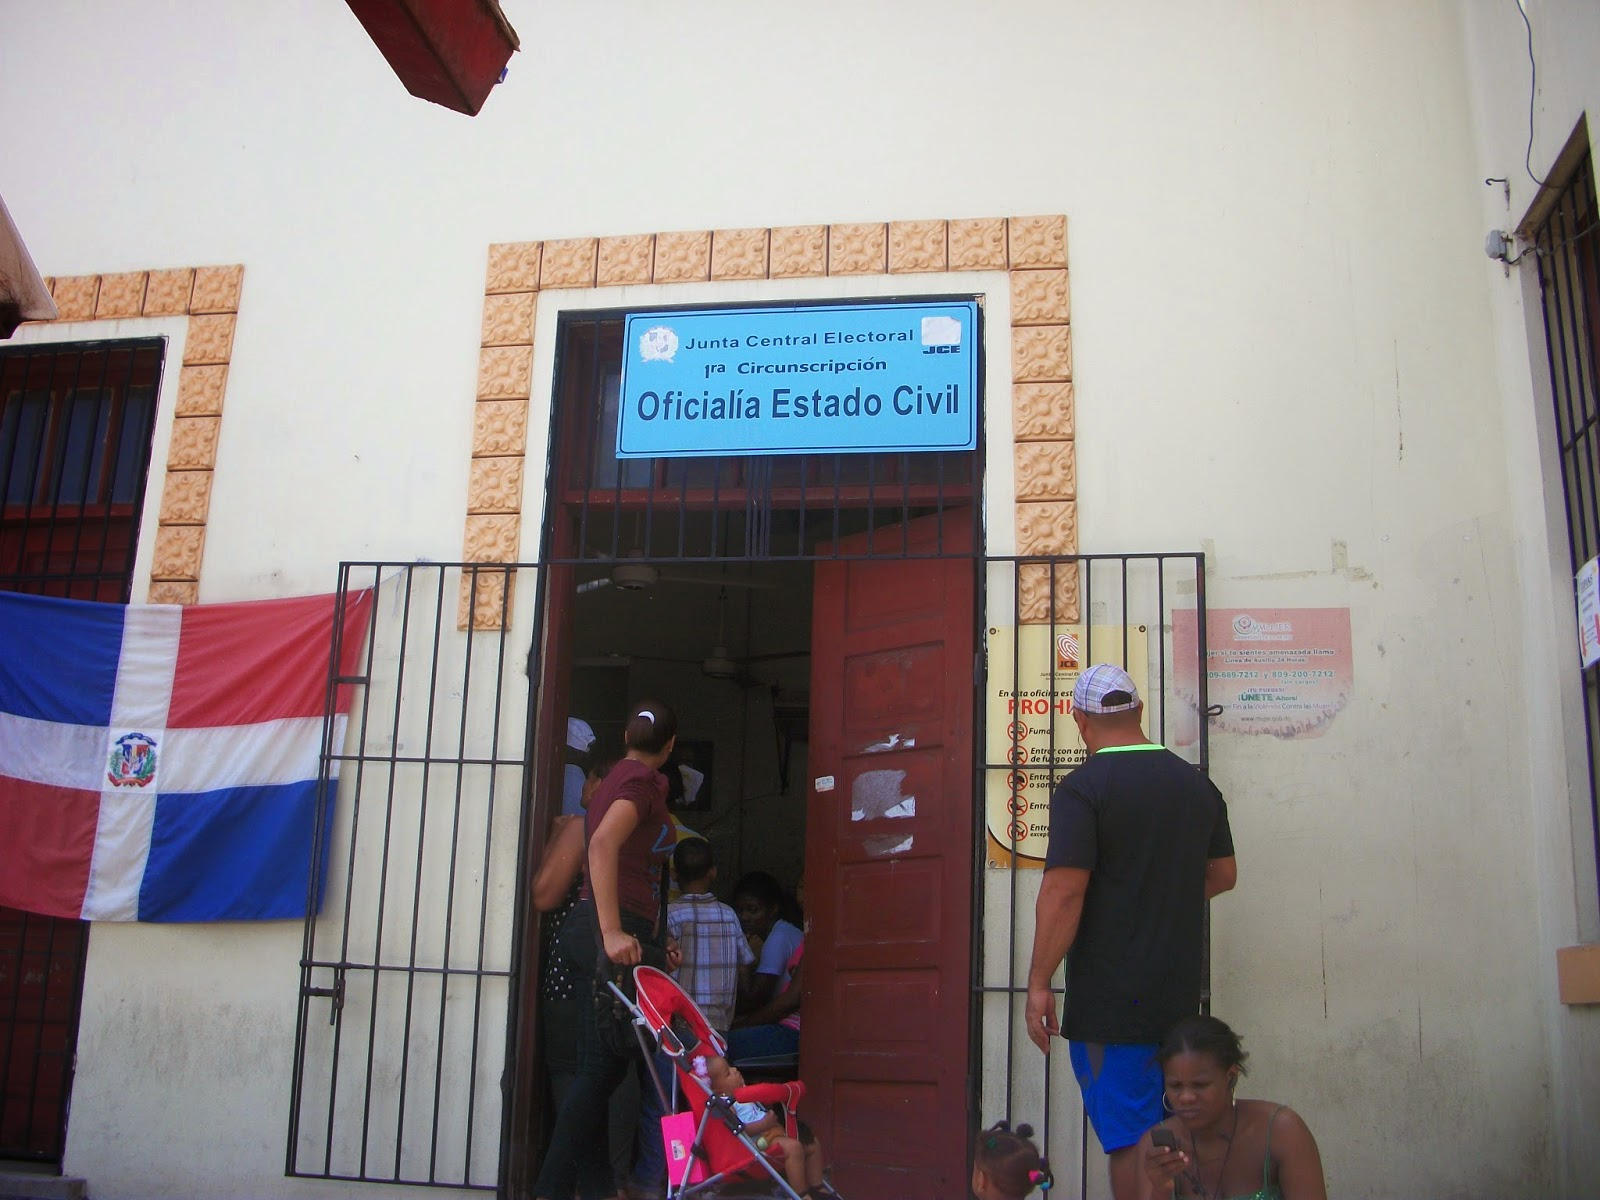 Solicitan  a la JCE traslado de la primera circunscripción de la Oficialía de Estado Civil de SC